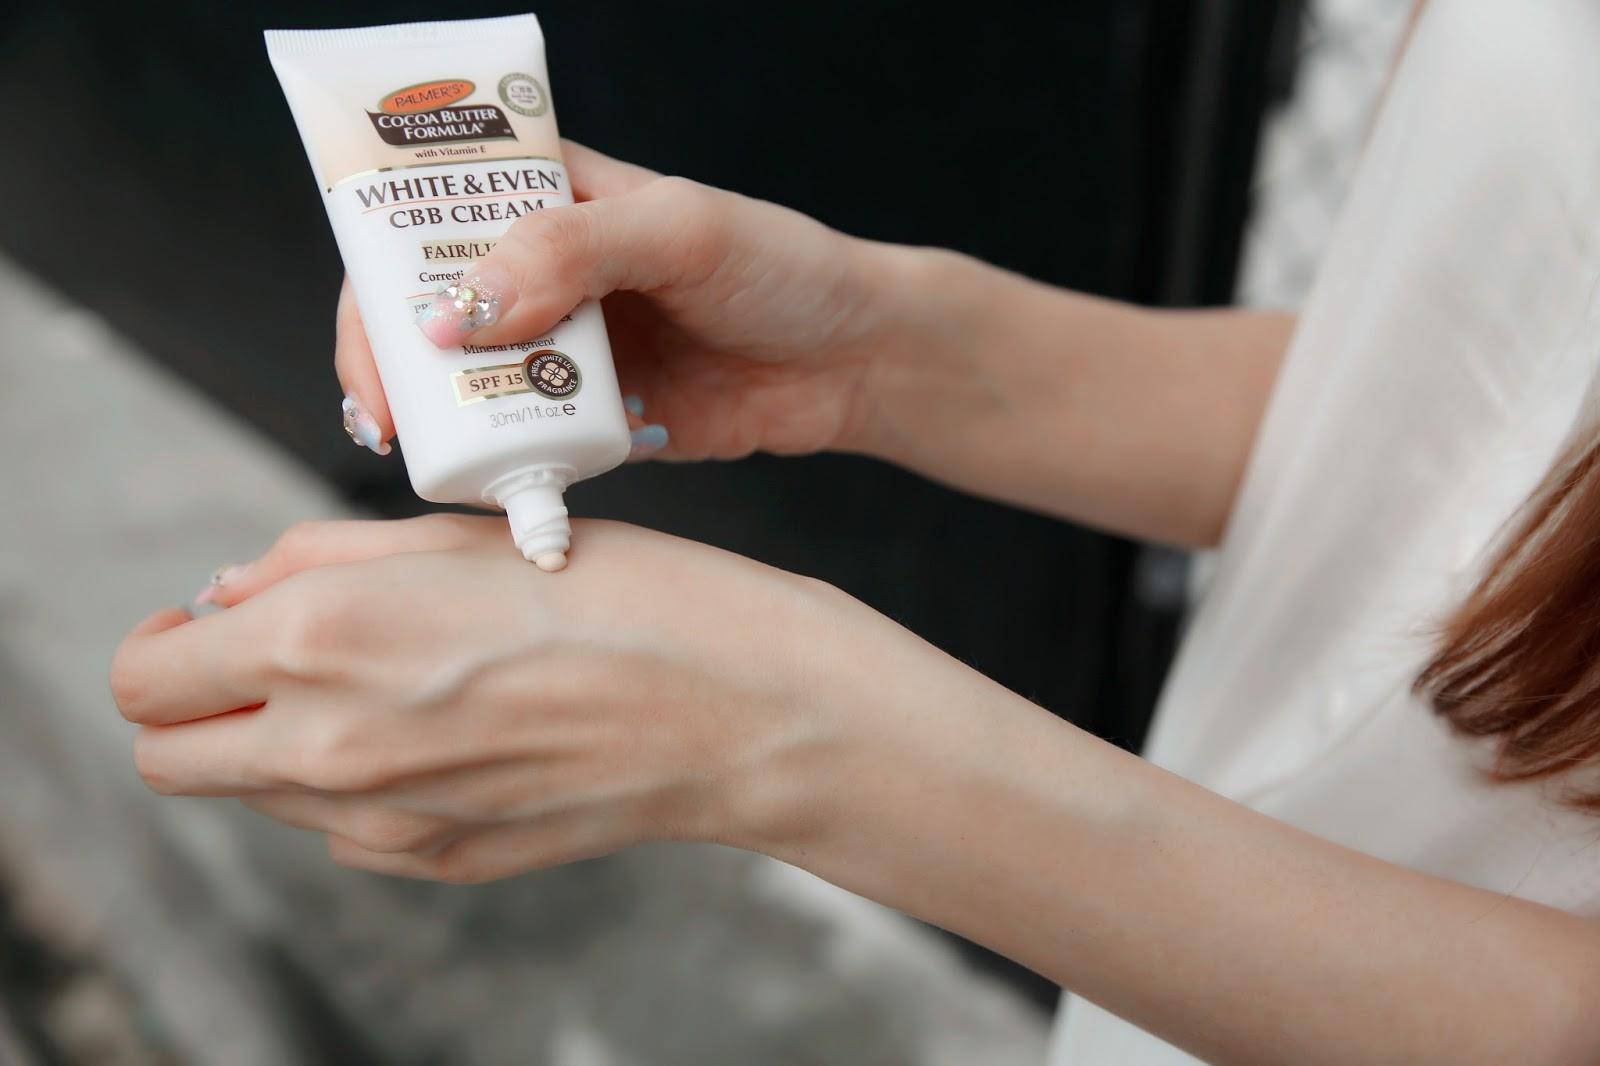 7 loại kem dưỡng tay giá chỉ khoảng 200 ngàn đồng nhưng sẽ đẩy lùi tình trạng khô ráp, khiến tay mềm mượt dễ chịu - Ảnh 5.